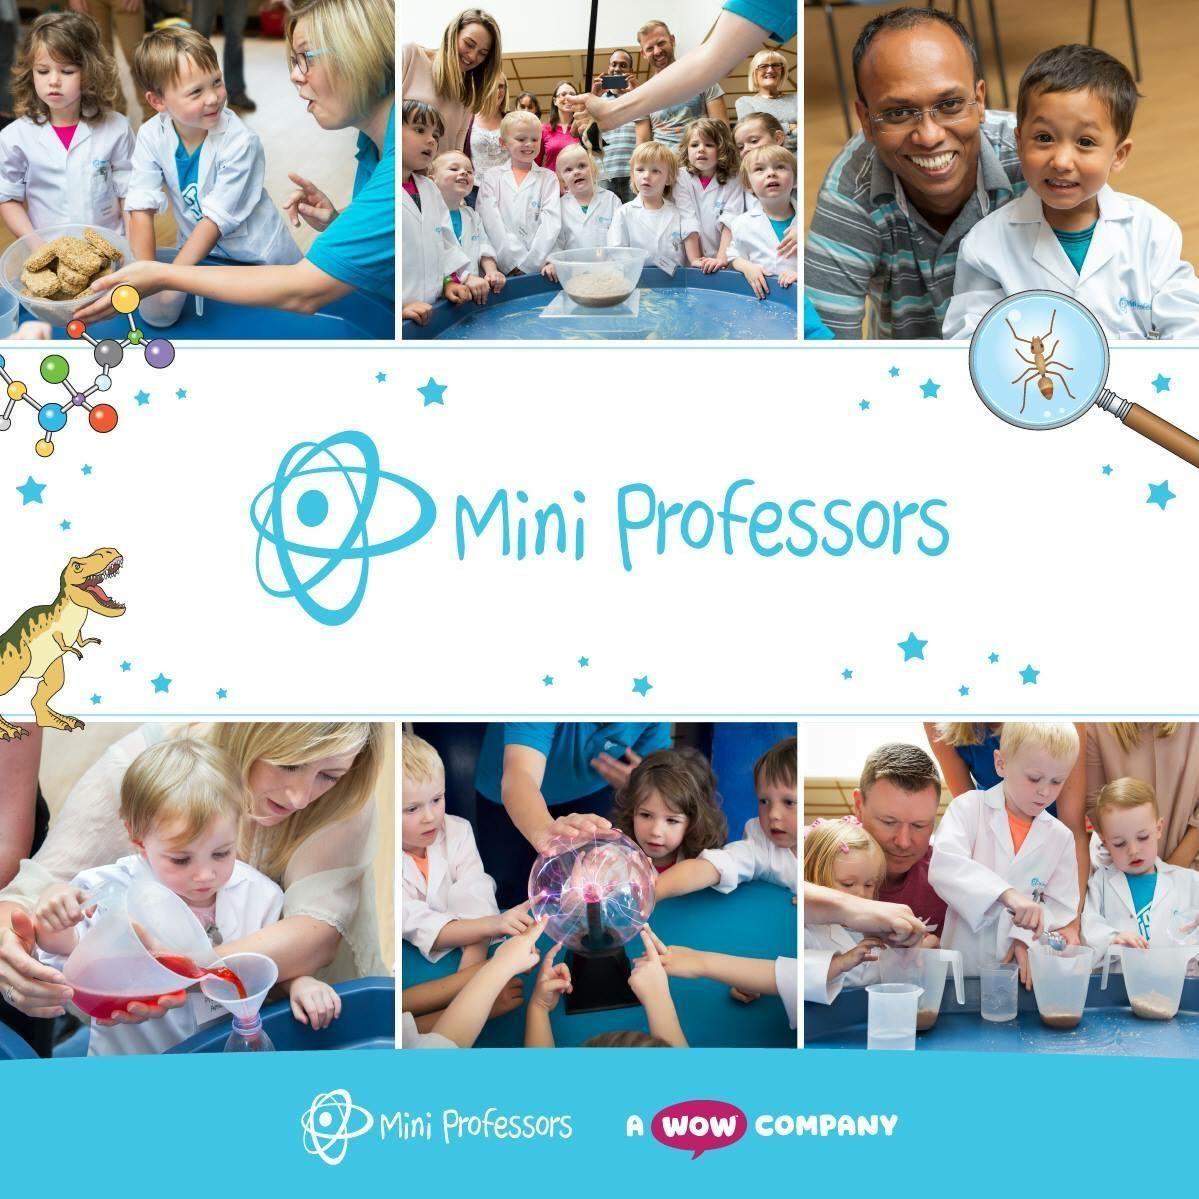 Mini Professors Milton Keynes's main image